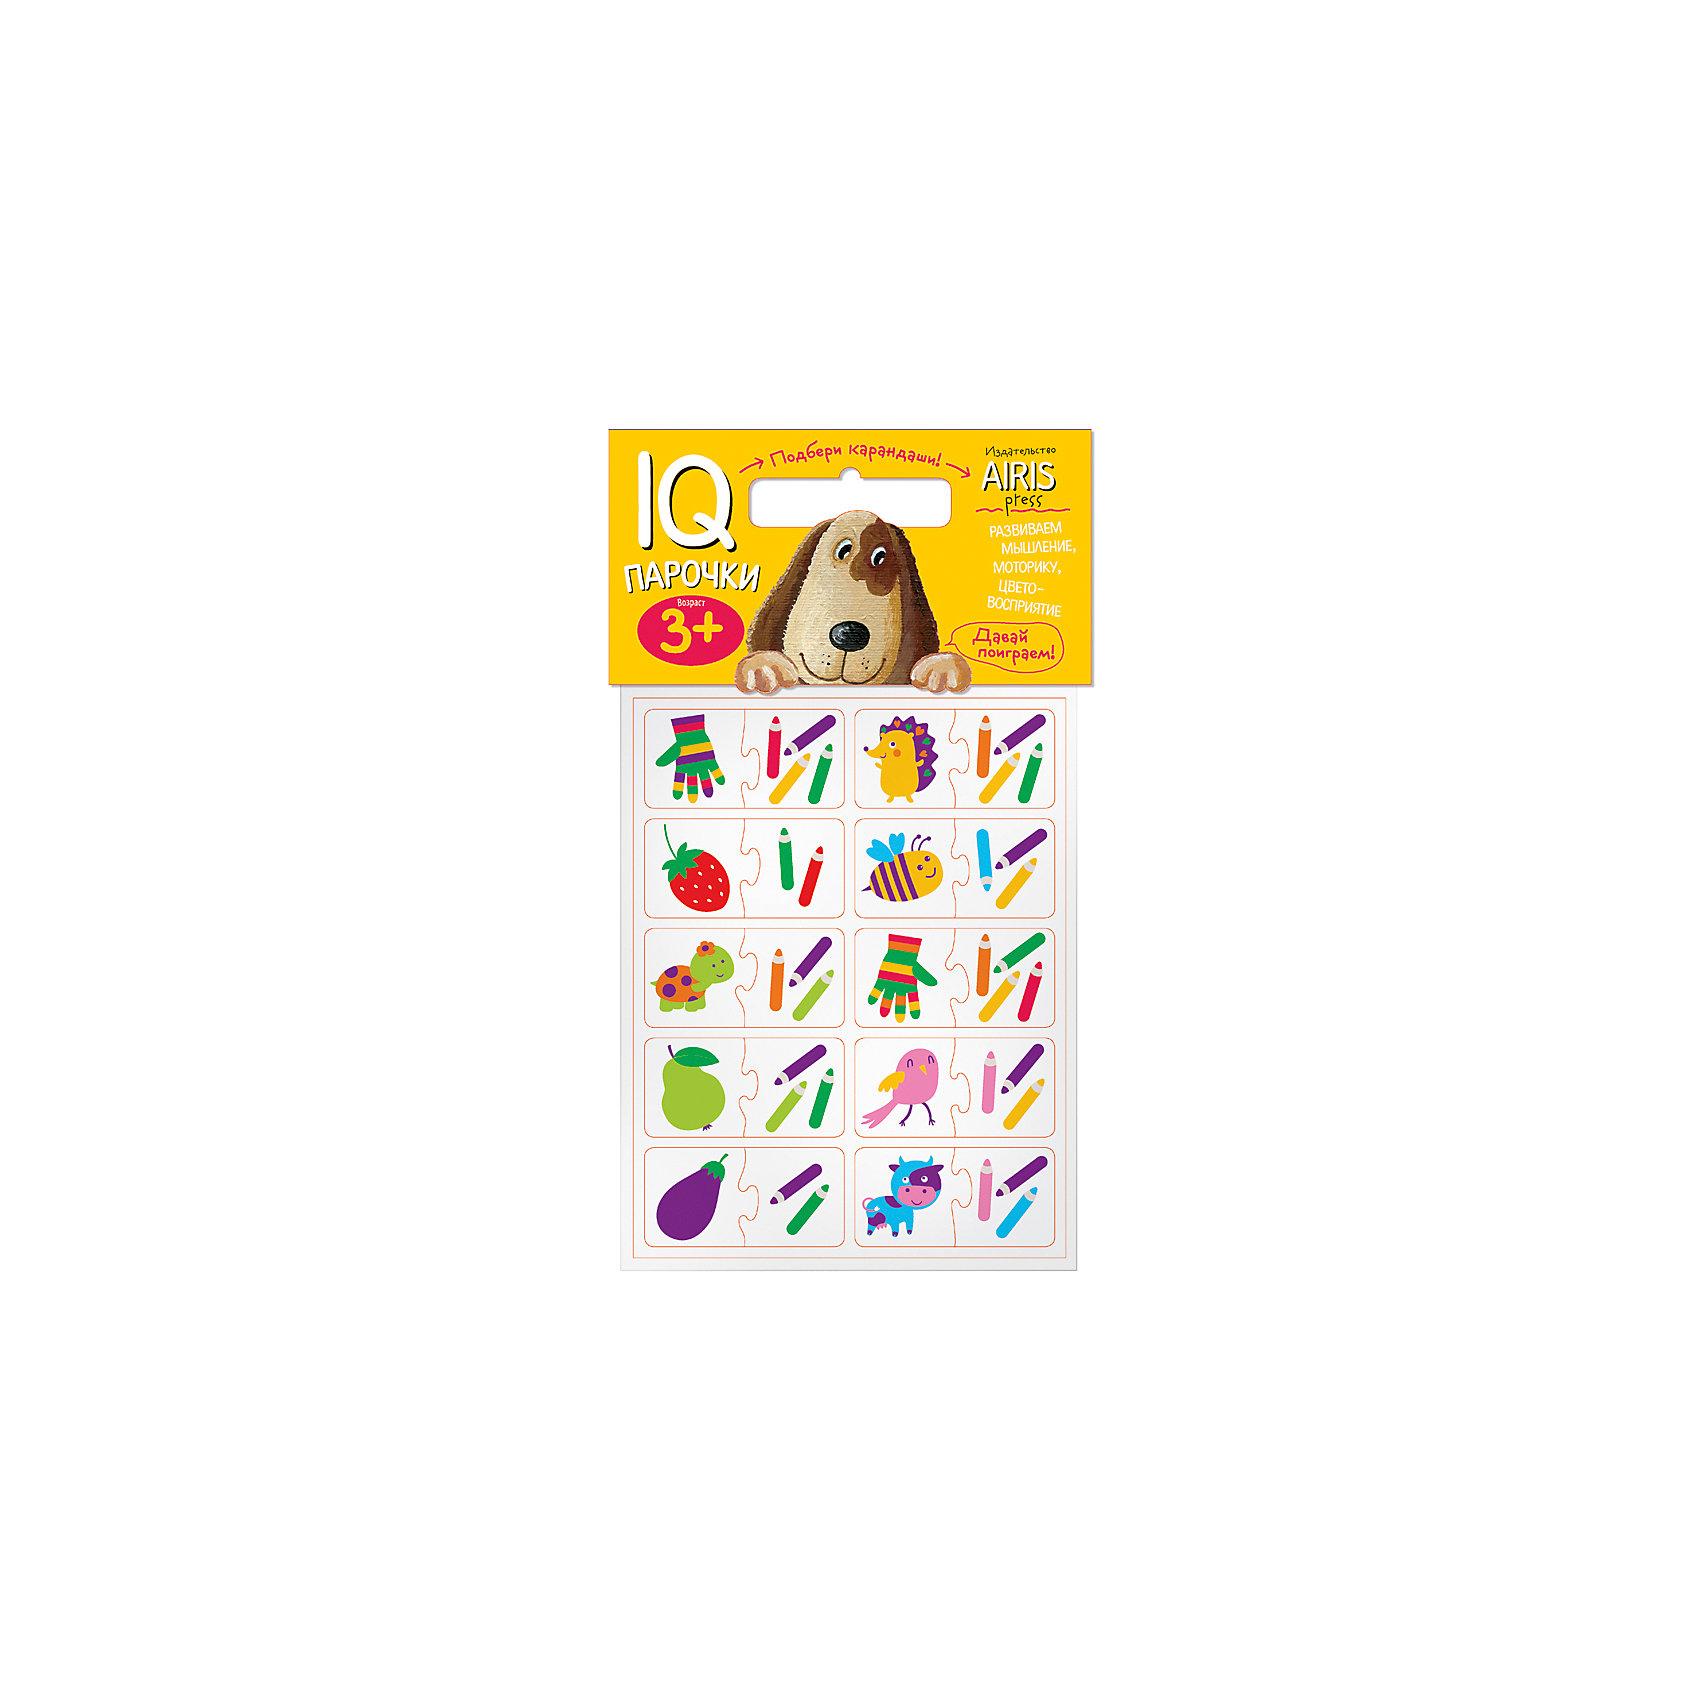 Парочки Подбери карандашиКниги для развития мышления<br>IQ-Парочки «Подбери карандаши!» – это увлекательная настольная игра для тренировки способности ребёнка к восприятию цвета и цветовых сочетаний, развития воображения, логики и моторики. Набор состоит из 40 объёмных карточек, на которых изображены предметы и карандаши. Карточки сделаны из мягкого, прочного и безопасного материала EVA. Они удобно ложатся в детскую ручку и отлично подходят для познавательных игр.&#13;<br>Цель игры: составить пару предмет — карандаши, которыми он нарисован. Карточки снабжены пазловыми замками для того, чтобы ребёнок мог самостоятельно оценить правильность выполнения заданий.&#13;<br>На упаковке набора даётся описание, как играть с мягкими карточками.&#13;<br>Предназначен для детей от 3 лет.<br><br>Ширина мм: 20<br>Глубина мм: 175<br>Высота мм: 225<br>Вес г: 66<br>Возраст от месяцев: 36<br>Возраст до месяцев: 48<br>Пол: Унисекс<br>Возраст: Детский<br>SKU: 6849527